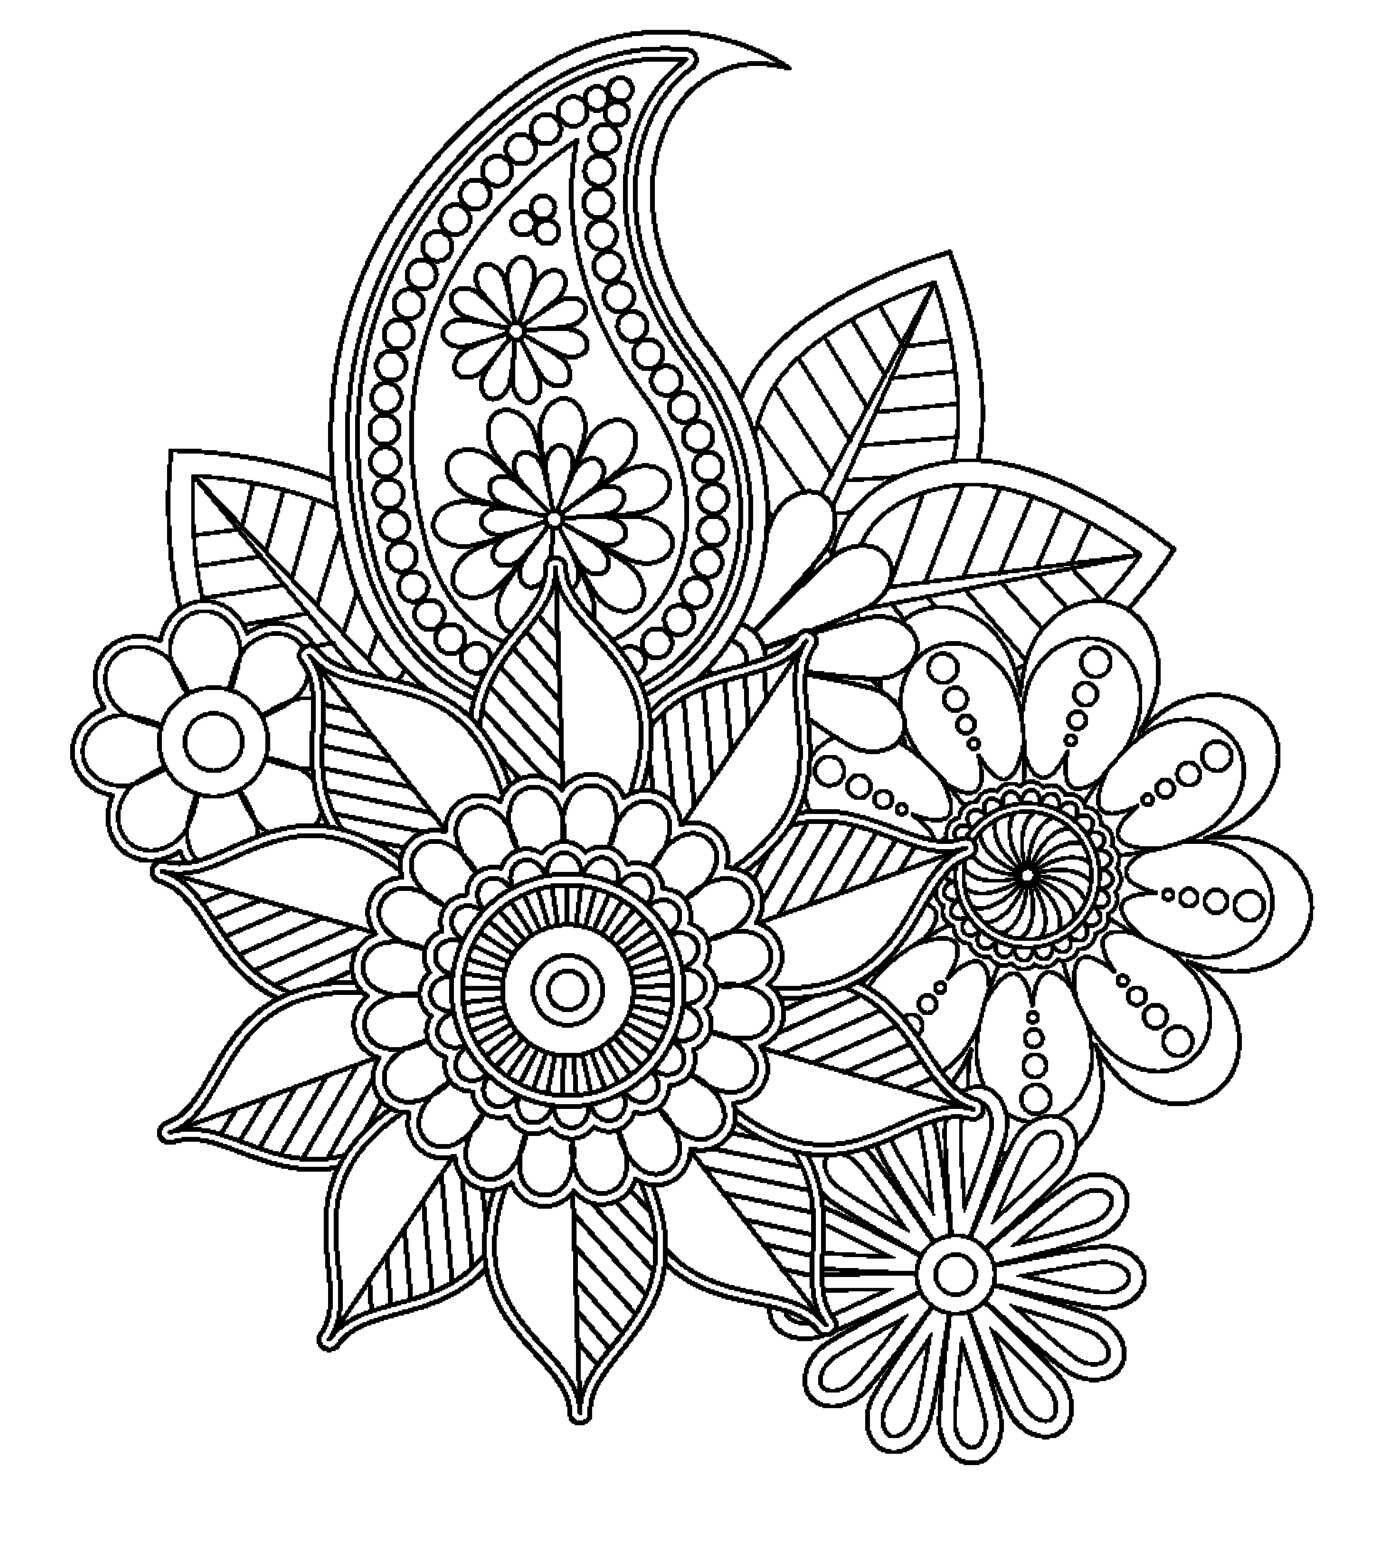 Pin de patricia iannone en dise os persas pinterest for Disenos de mandalas